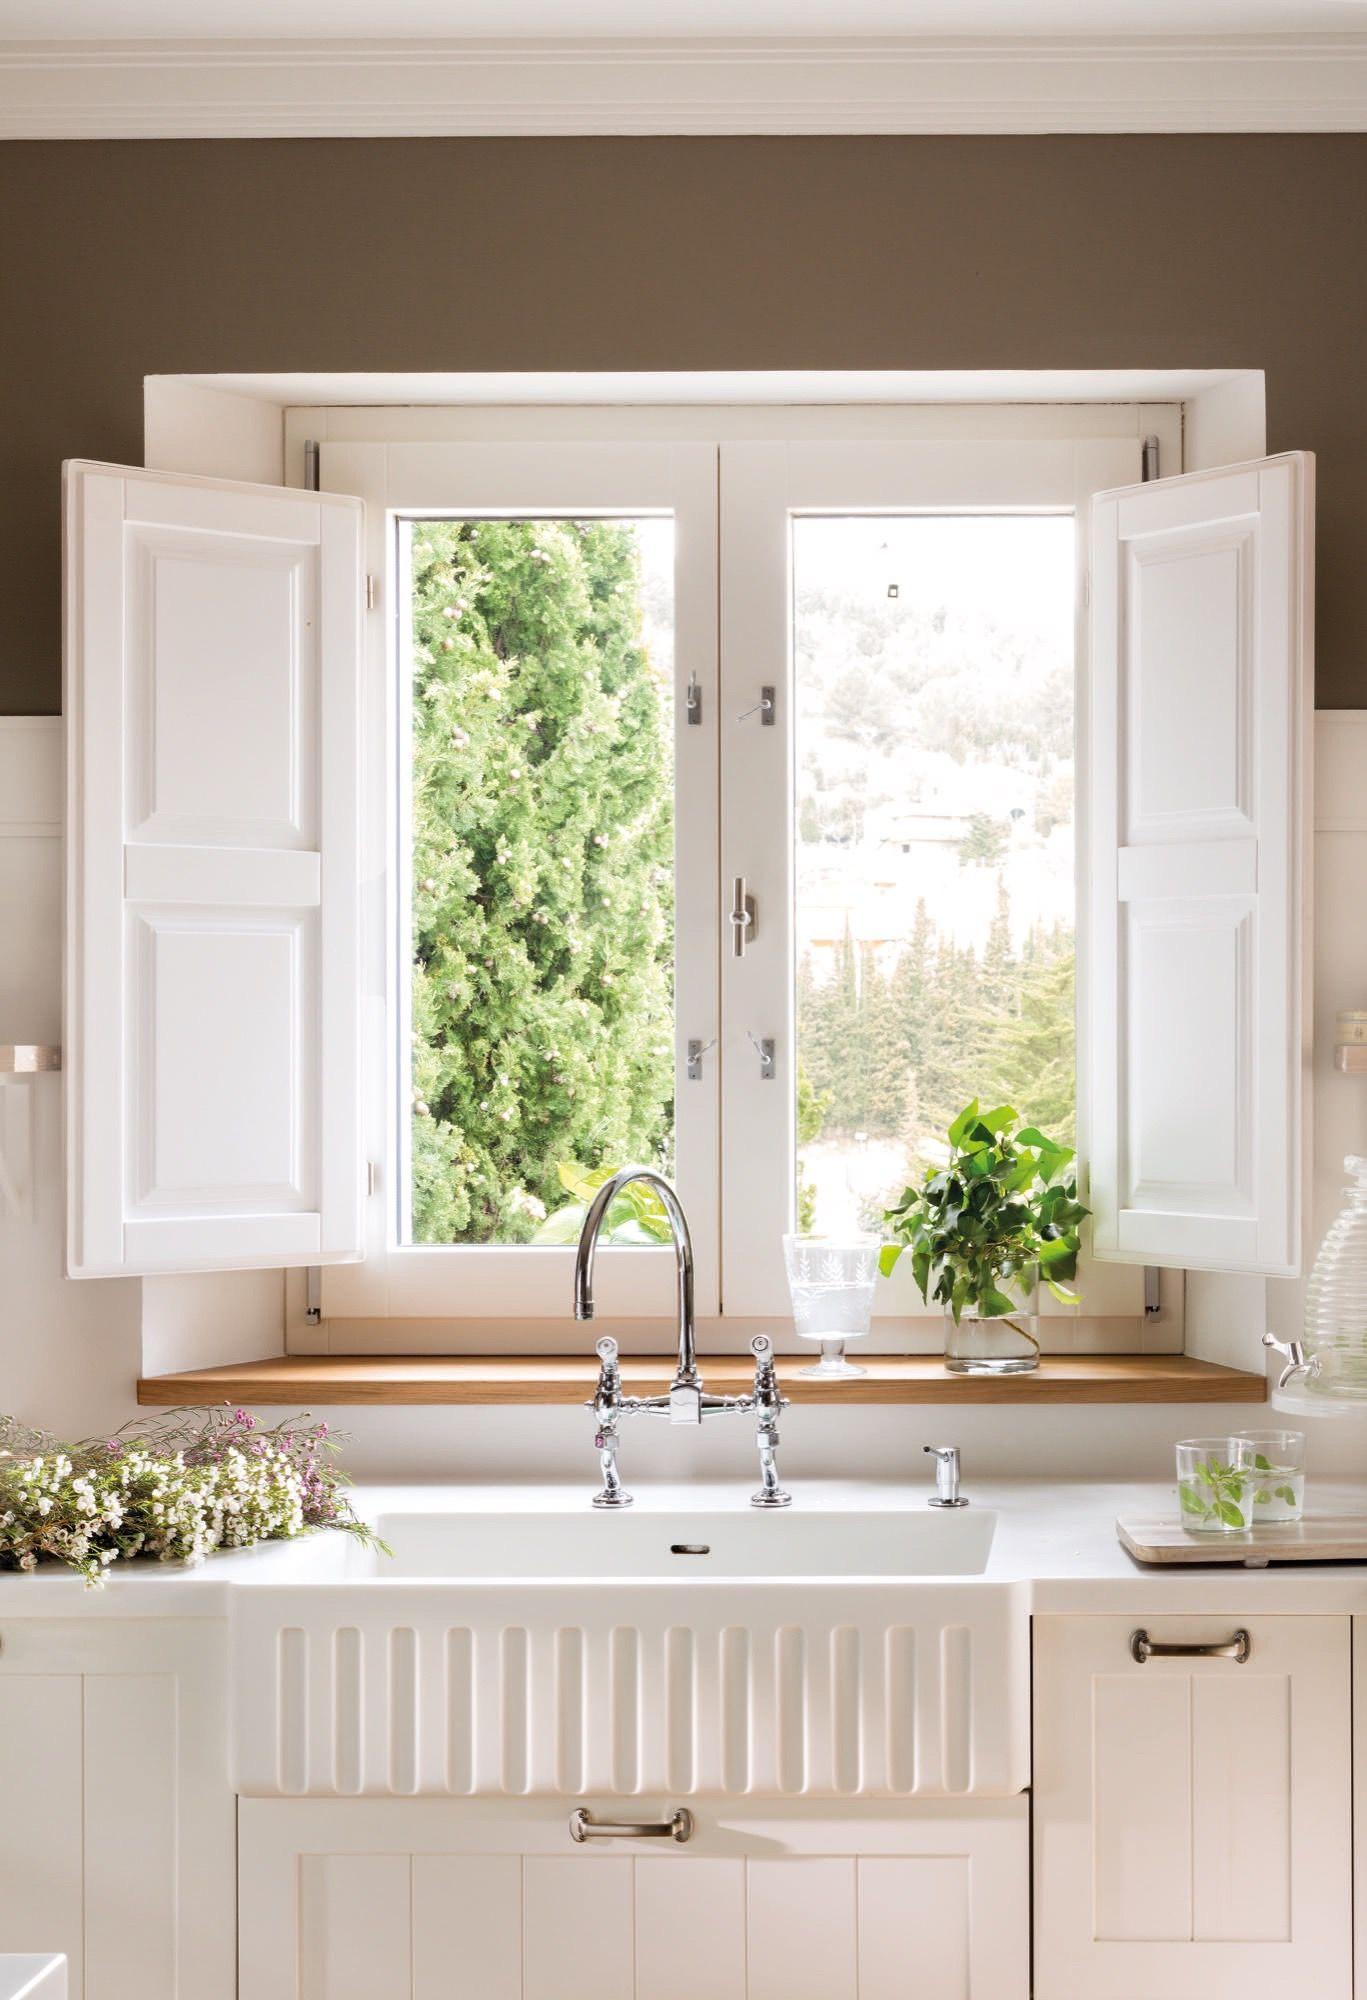 fregadero y encimera en una cocina junto a la ventana | Fregaderos ...